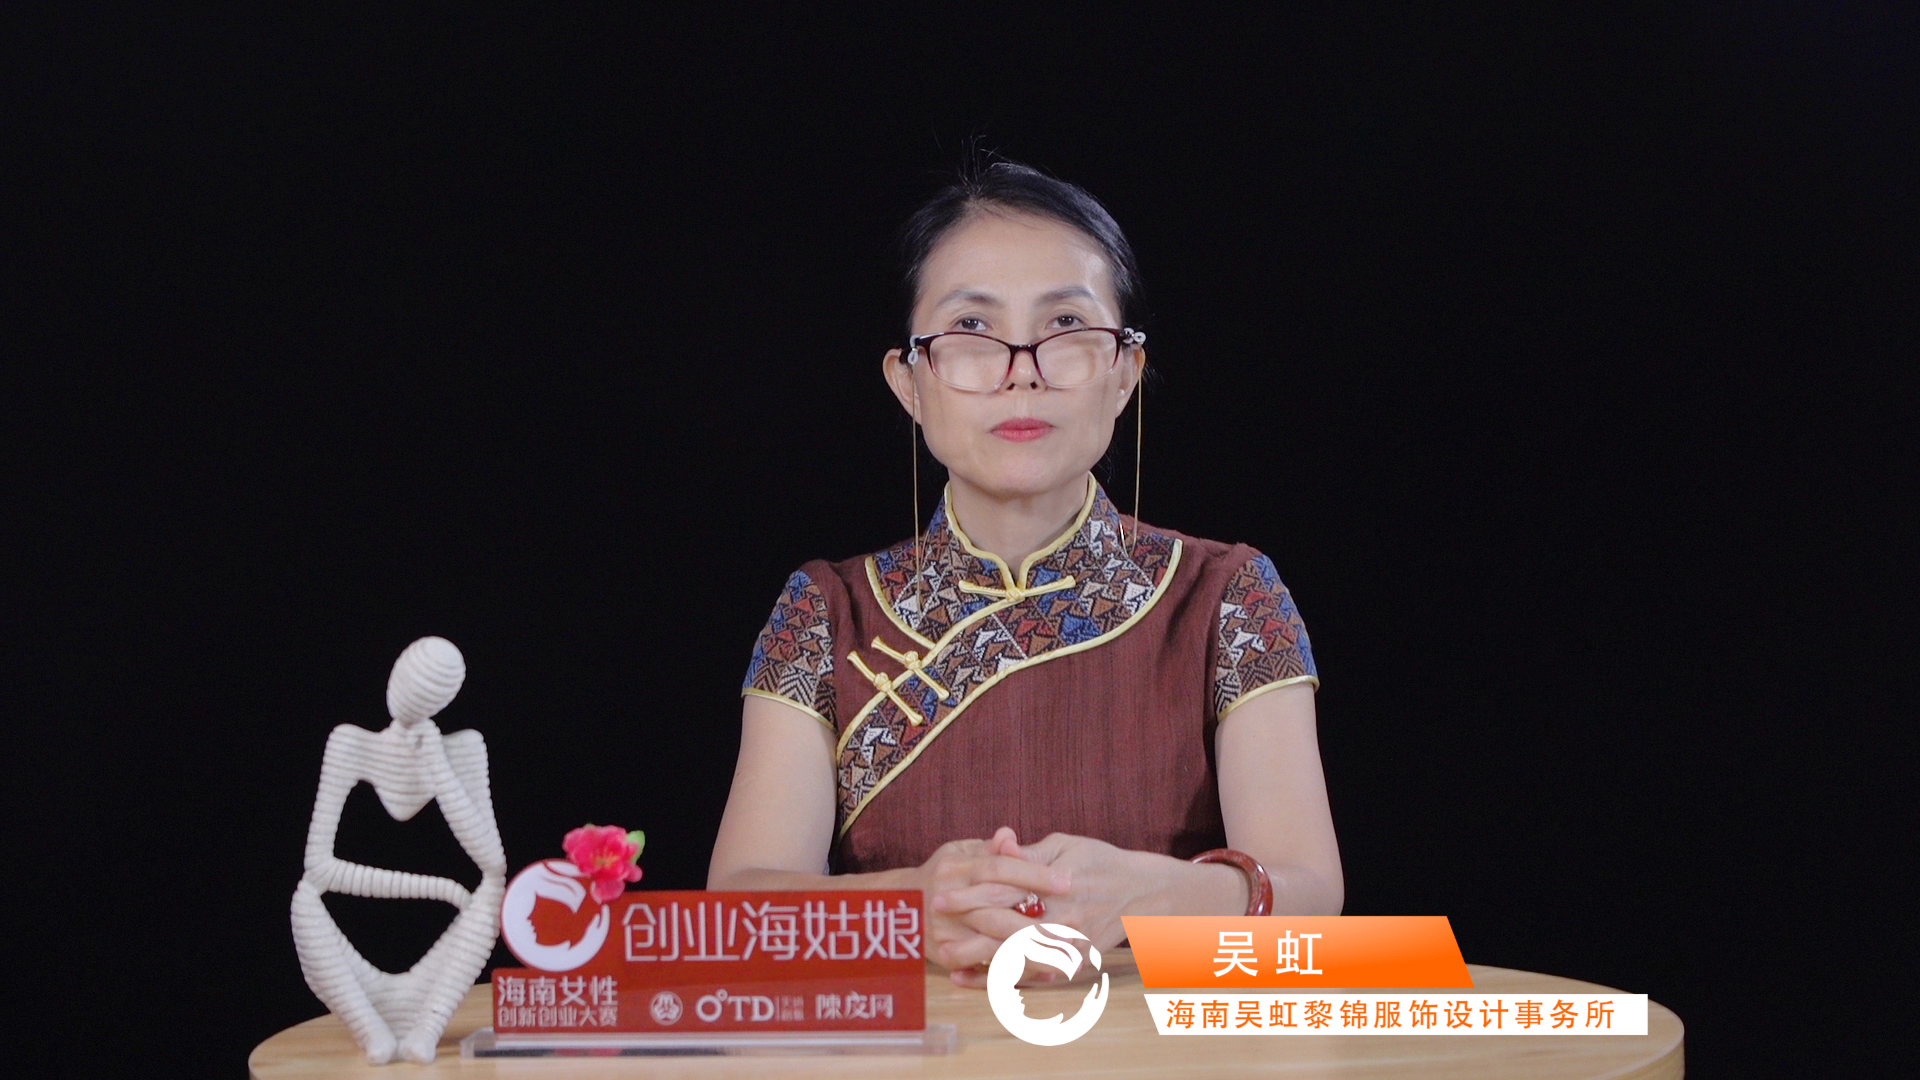 创业海姑娘 黎锦旗袍创始人吴虹,传统与时尚相结合的黎锦旗袍